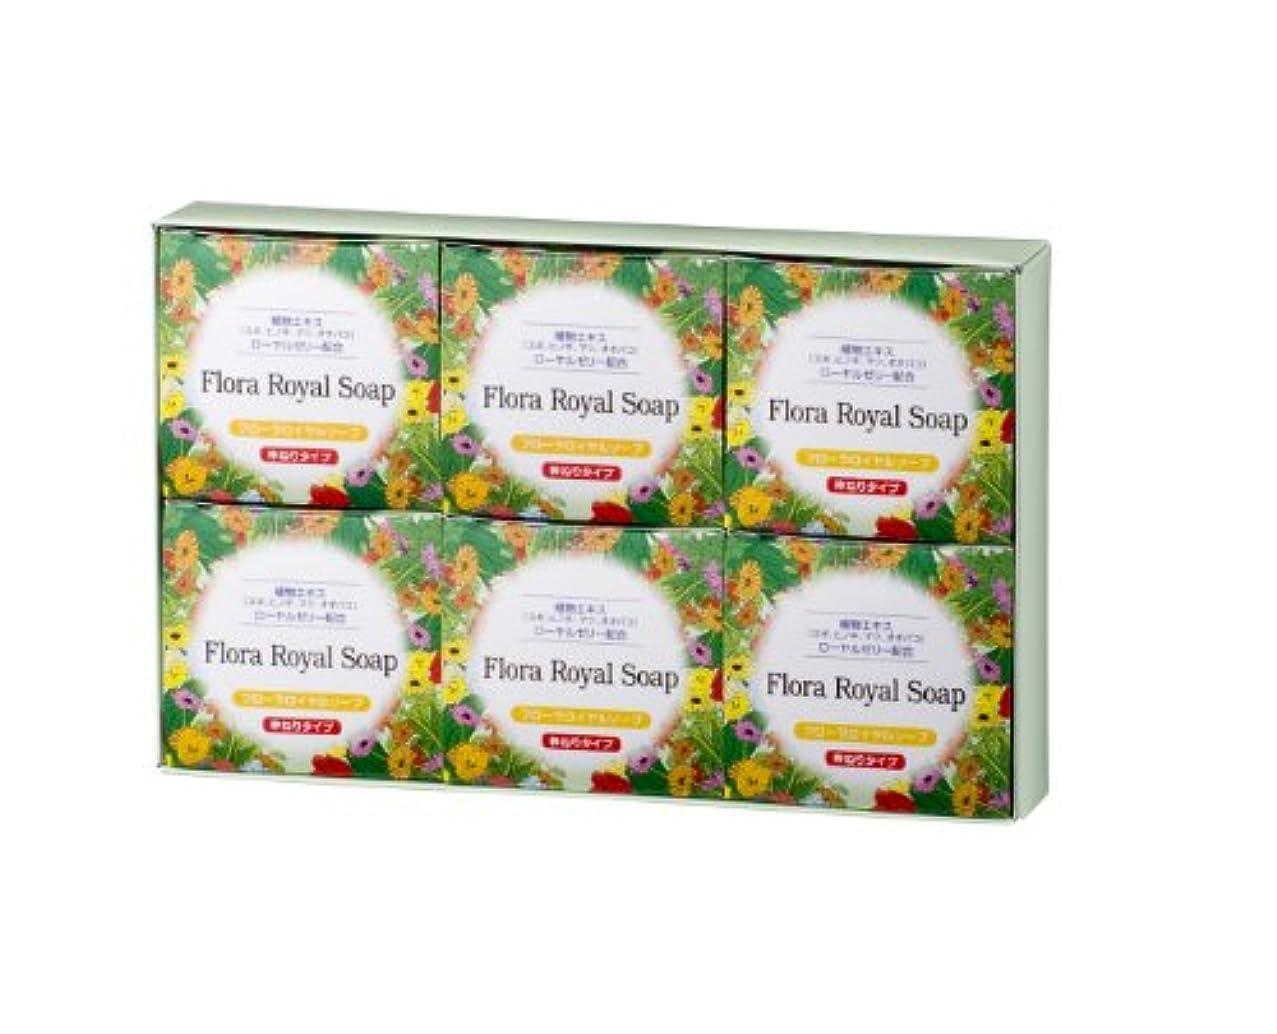 トークン関係する八百屋フローラ 植物エキスボディソープ(無香料) フローラロイヤルソープ  6個セット